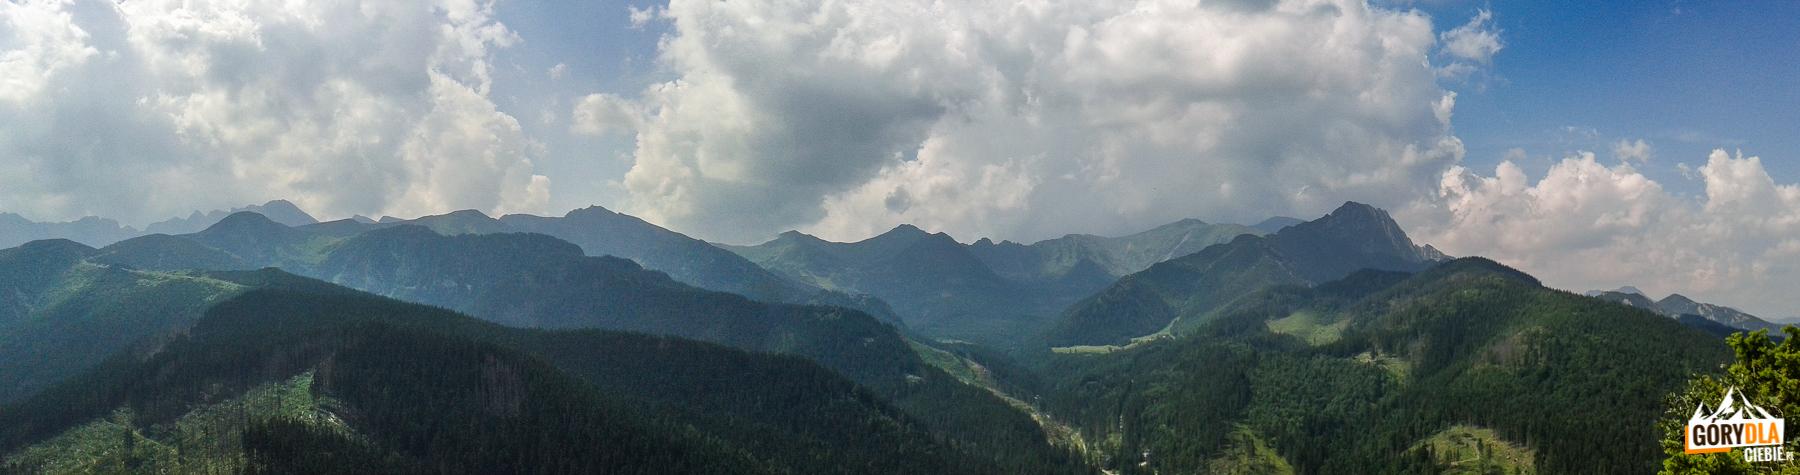 Panorama Tatr zNosala (1206 m): odlewj Świnica, Kasprowy Wierch, Goryczkowe Czuby, Kopa Kondrackai Giewont